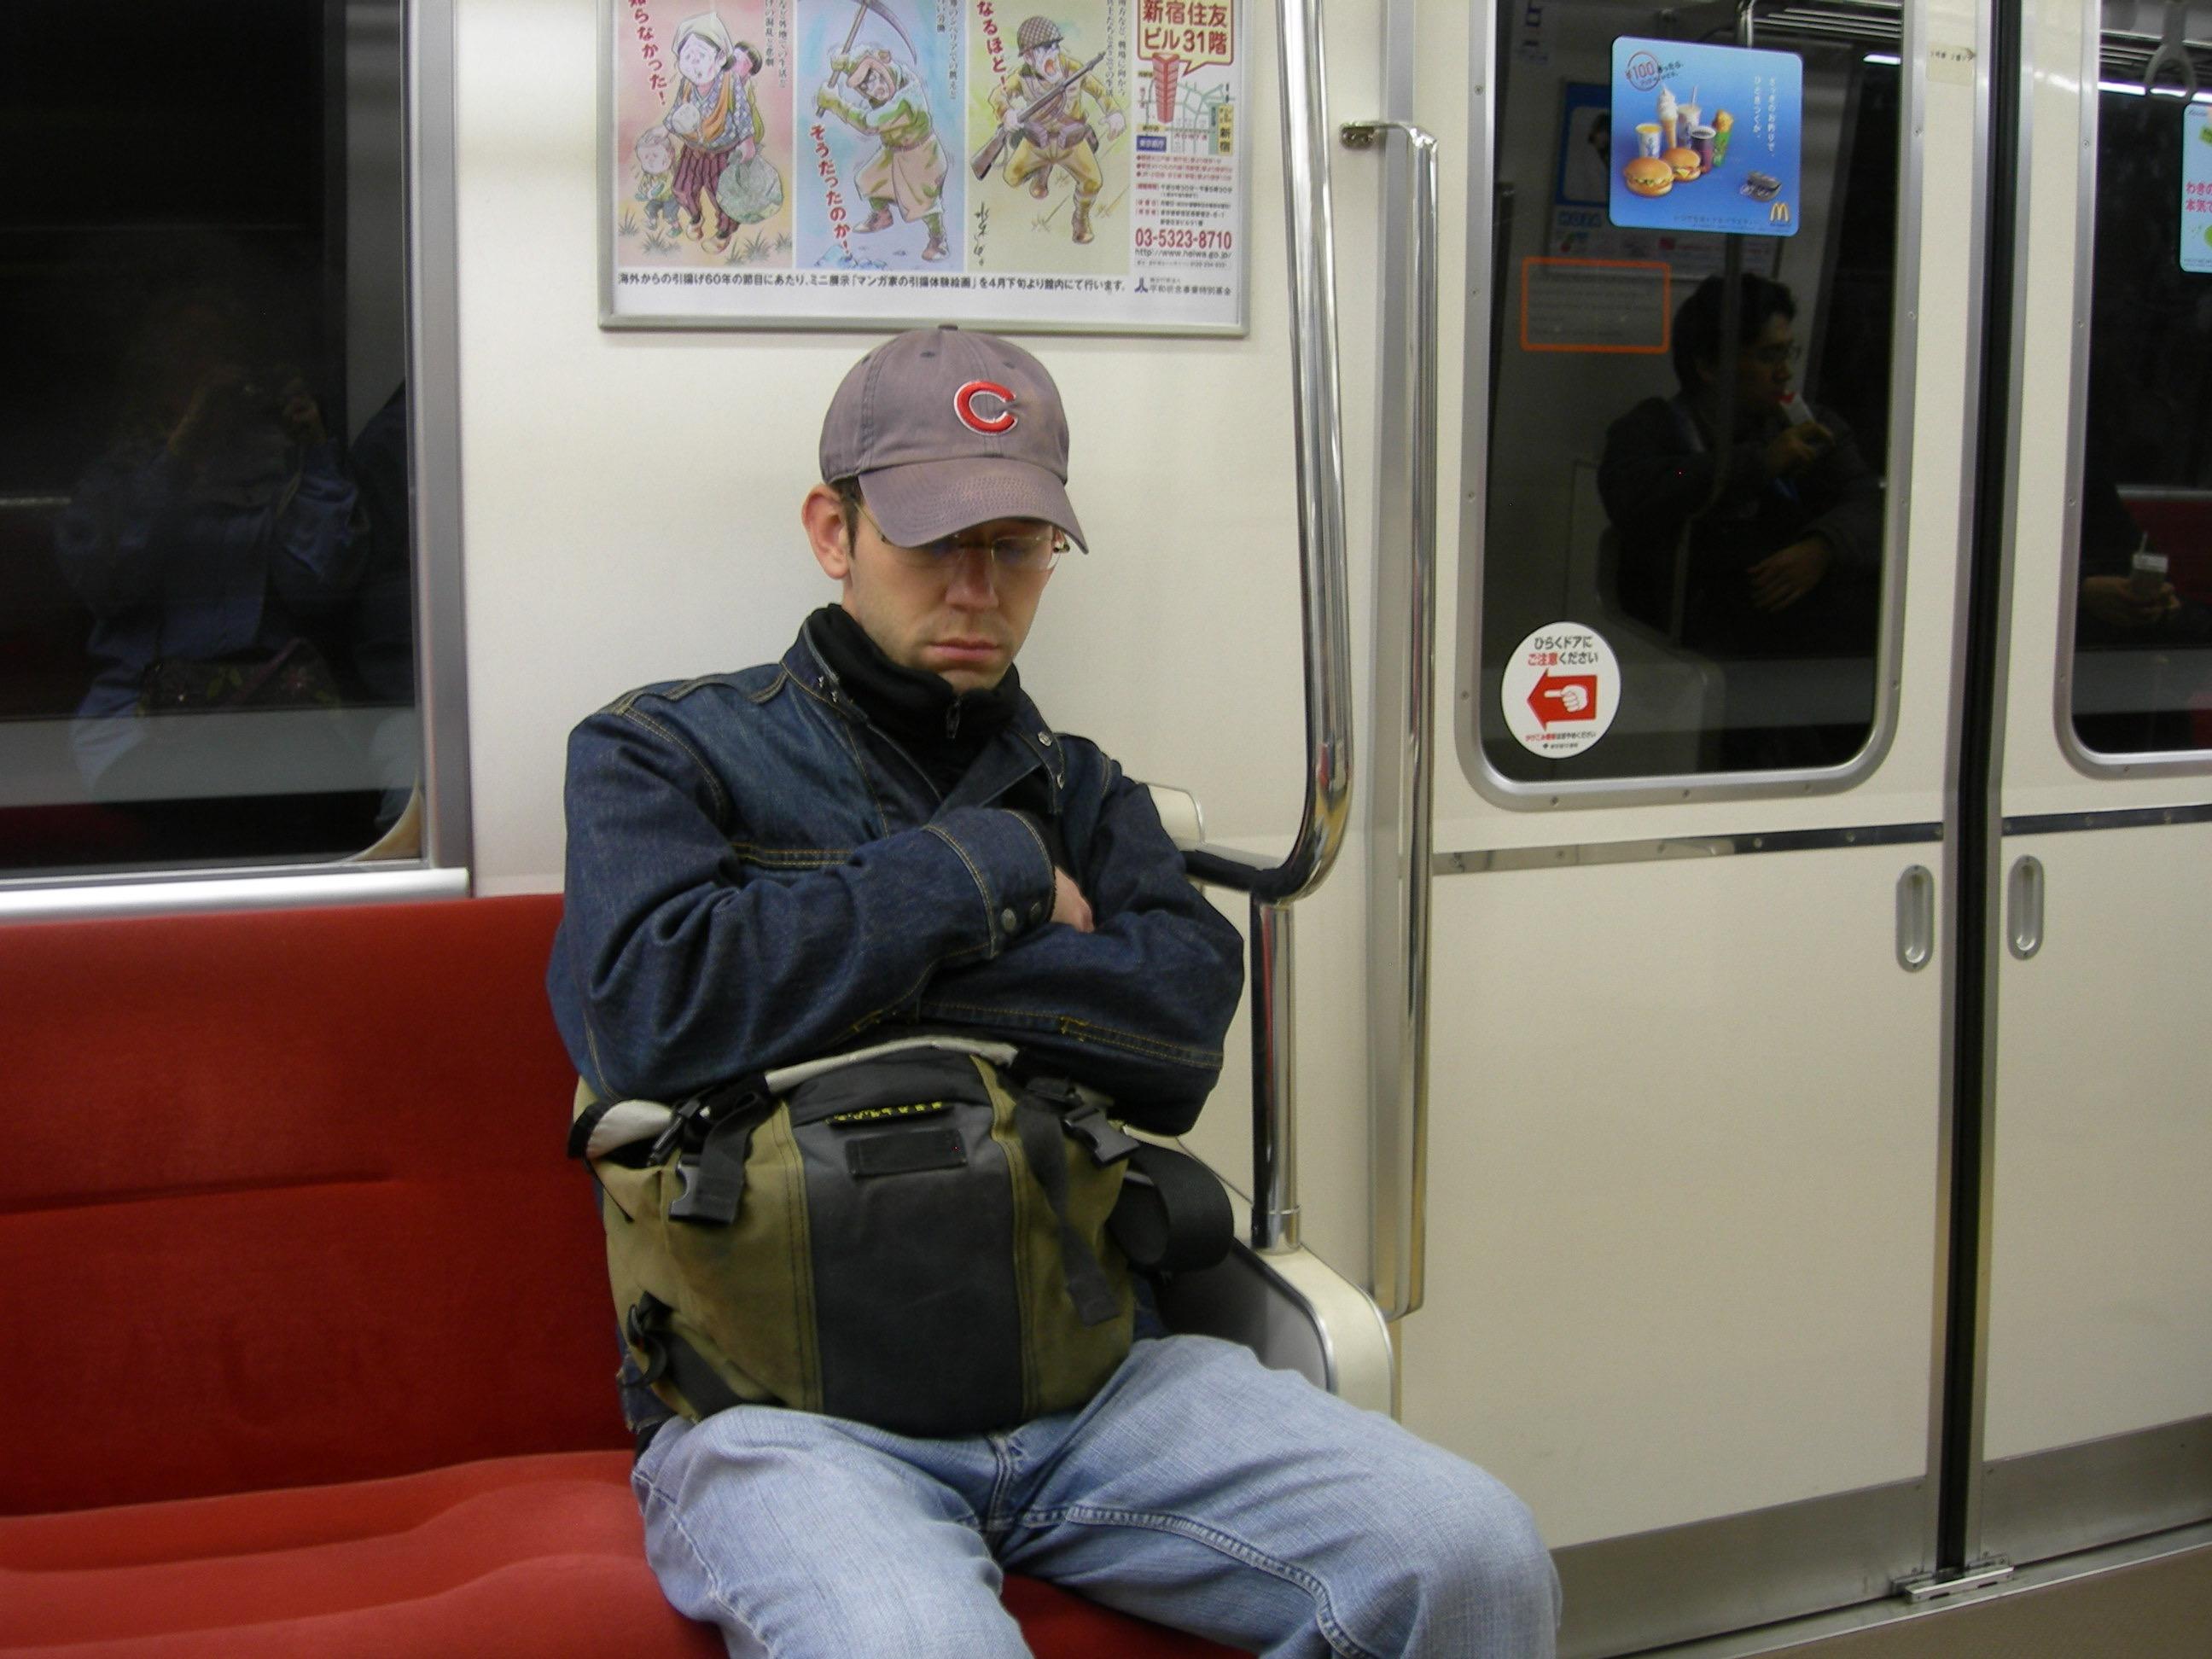 Jason Asleep on the Tokyo Metro, Japan